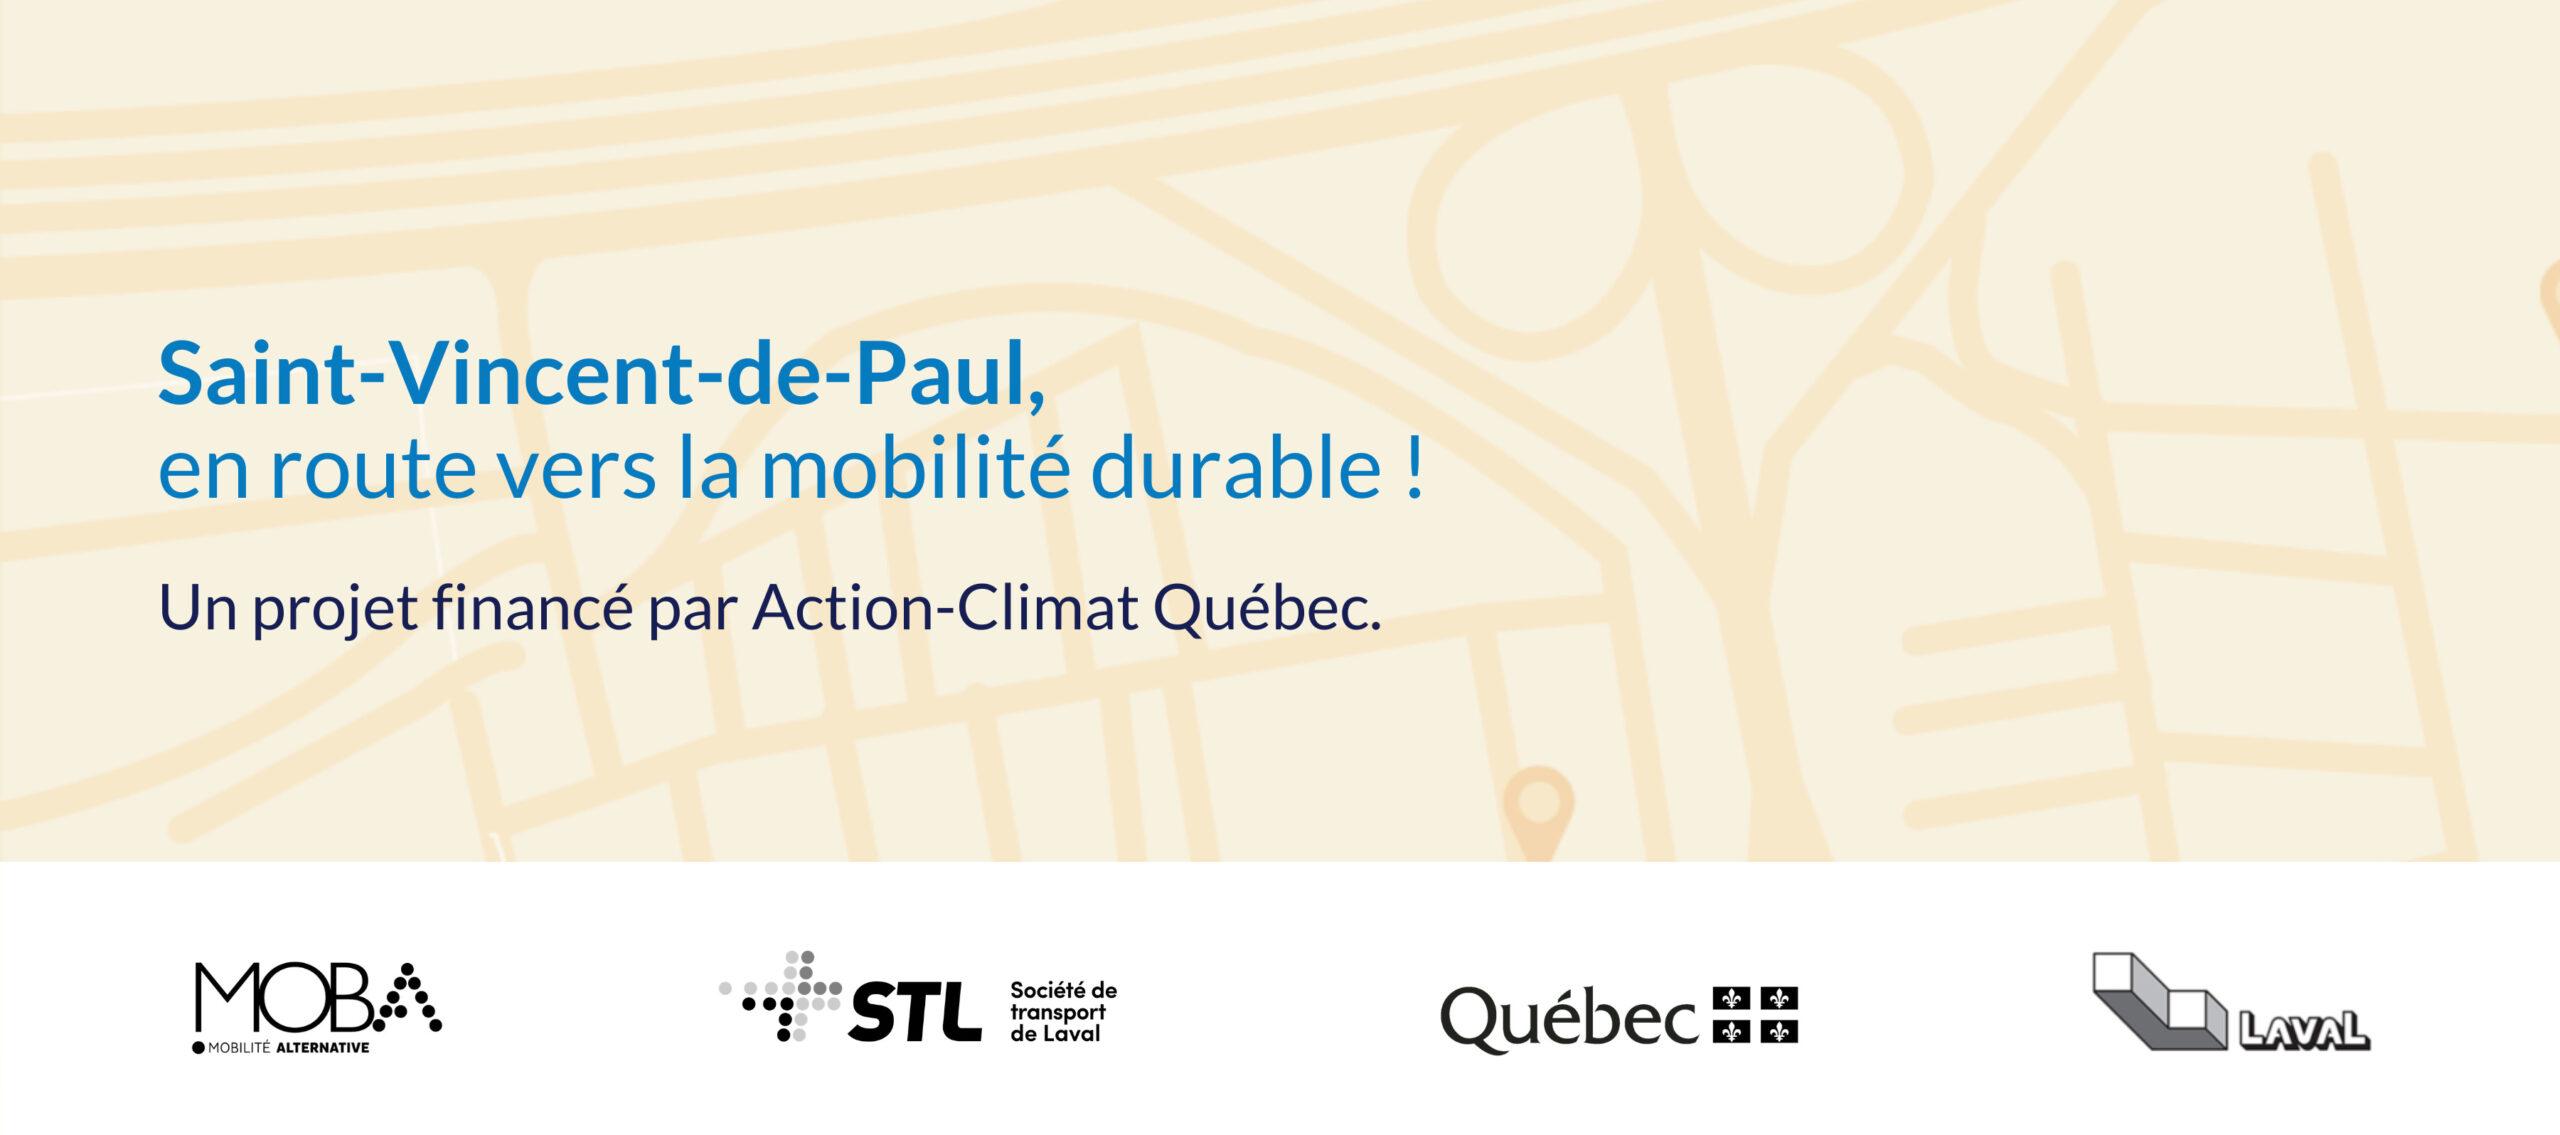 Saint-Vincent-de-Paul, en route vers la mobilité durable